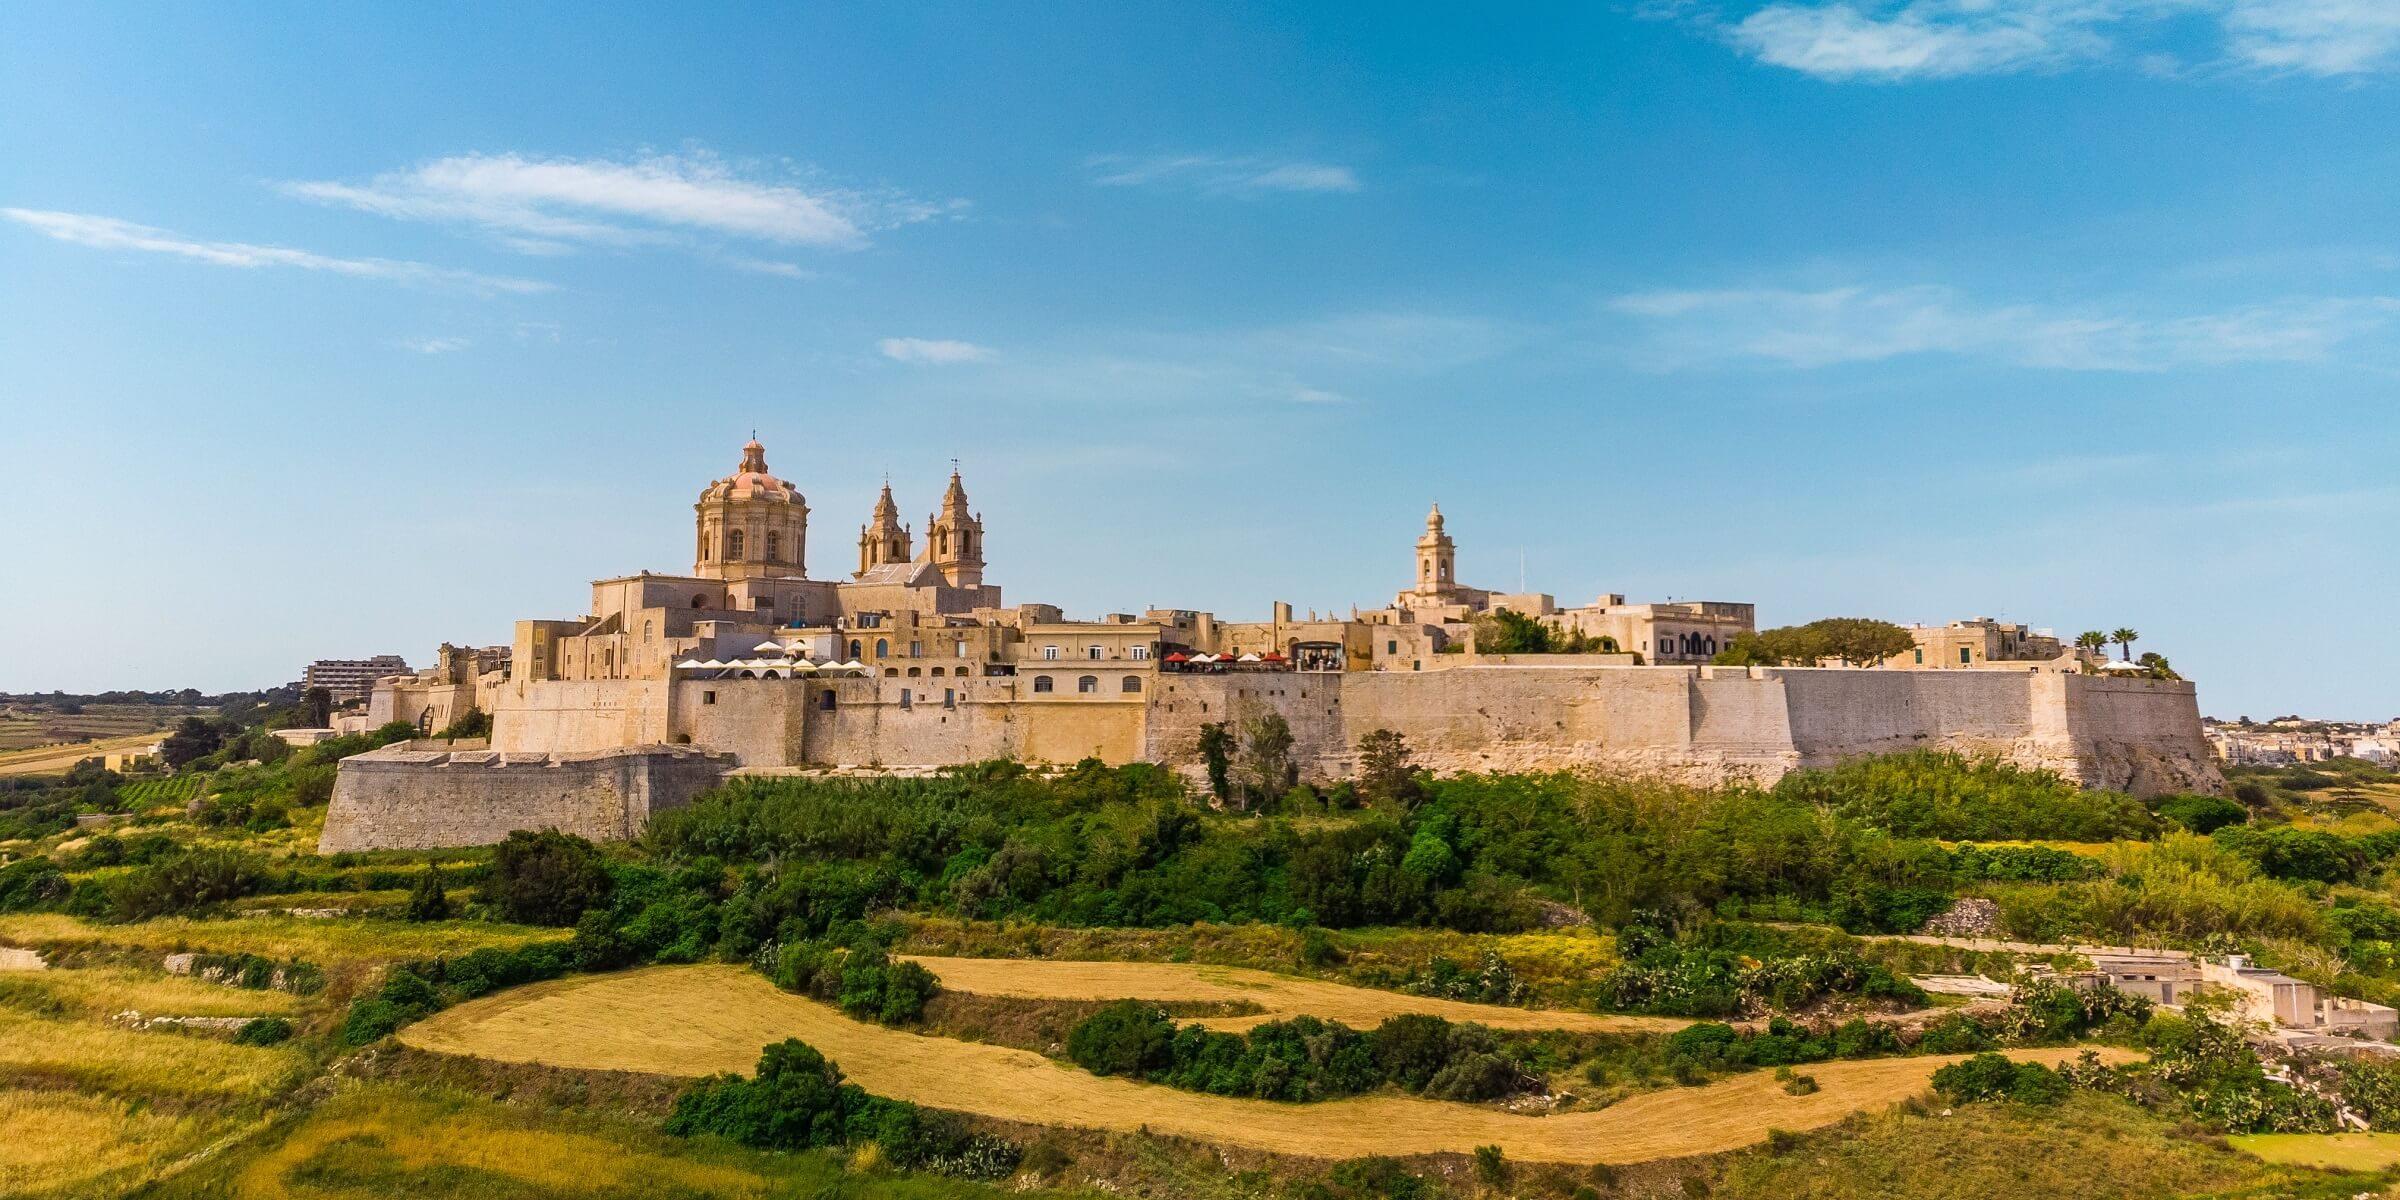 Auf Ihrer Singlereise nach Malta entdecken Sie das mittelalterliche Dorf Mdina